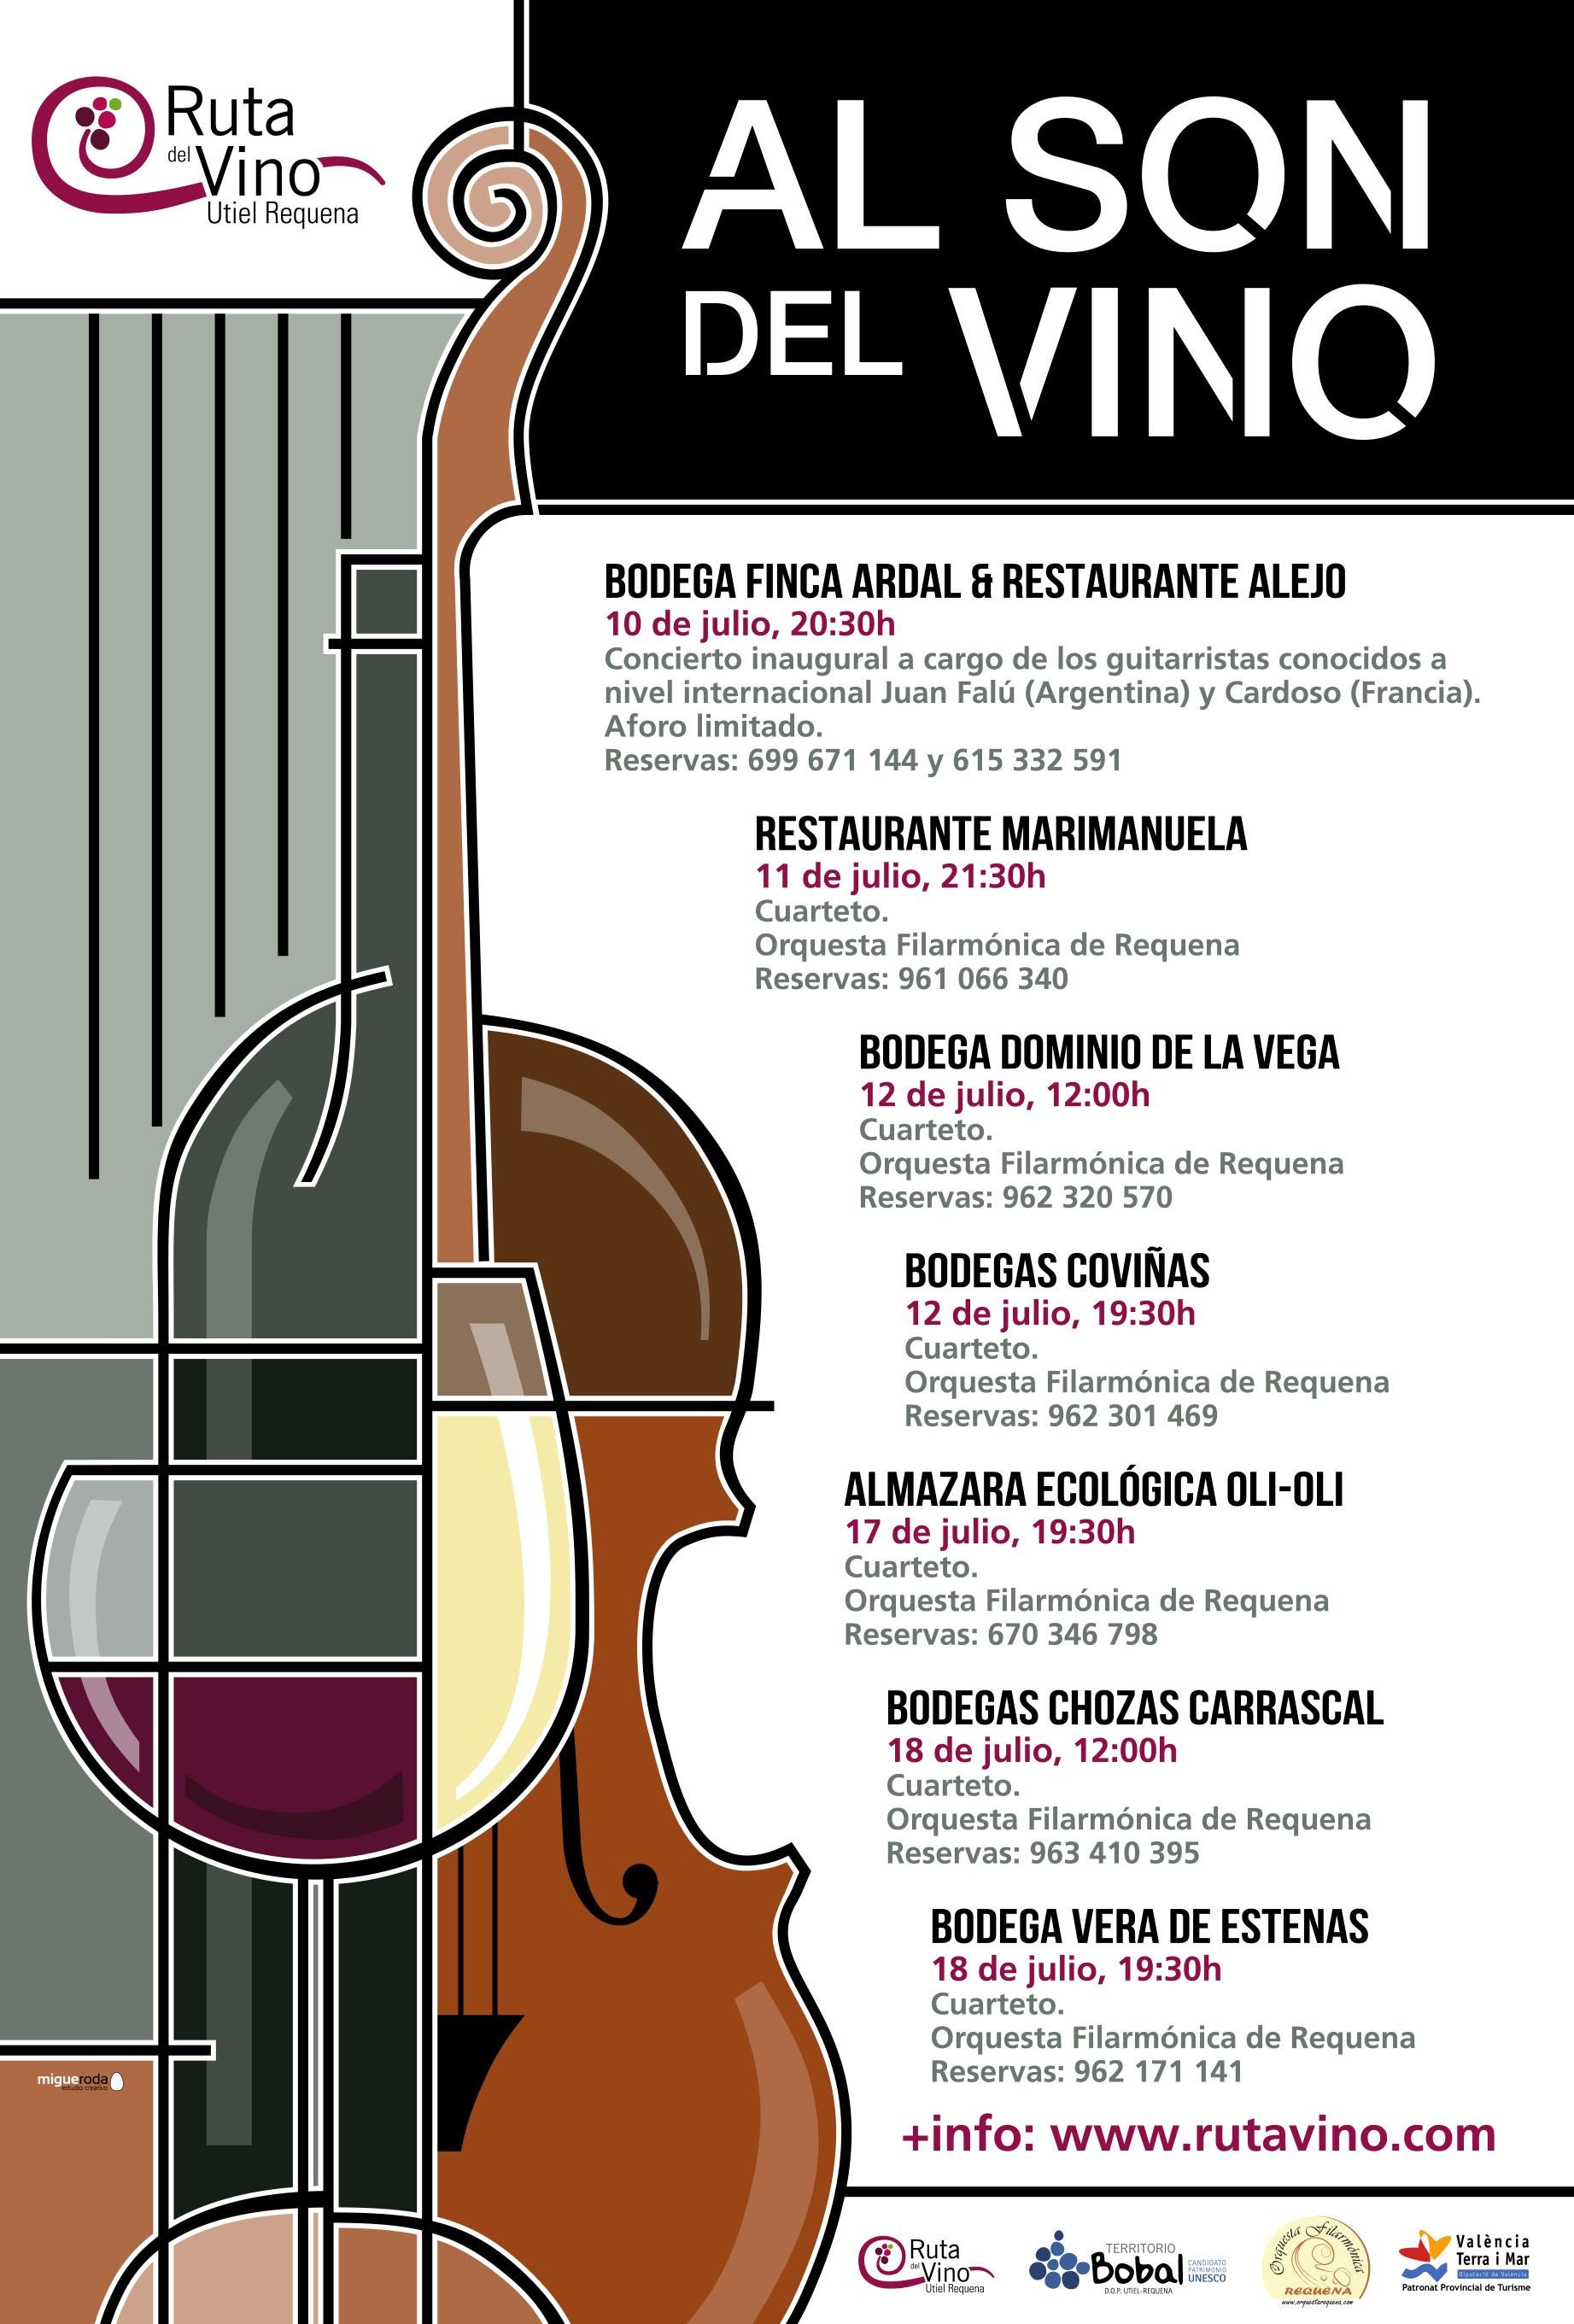 ruta del vino utiel-requena Al son del vino